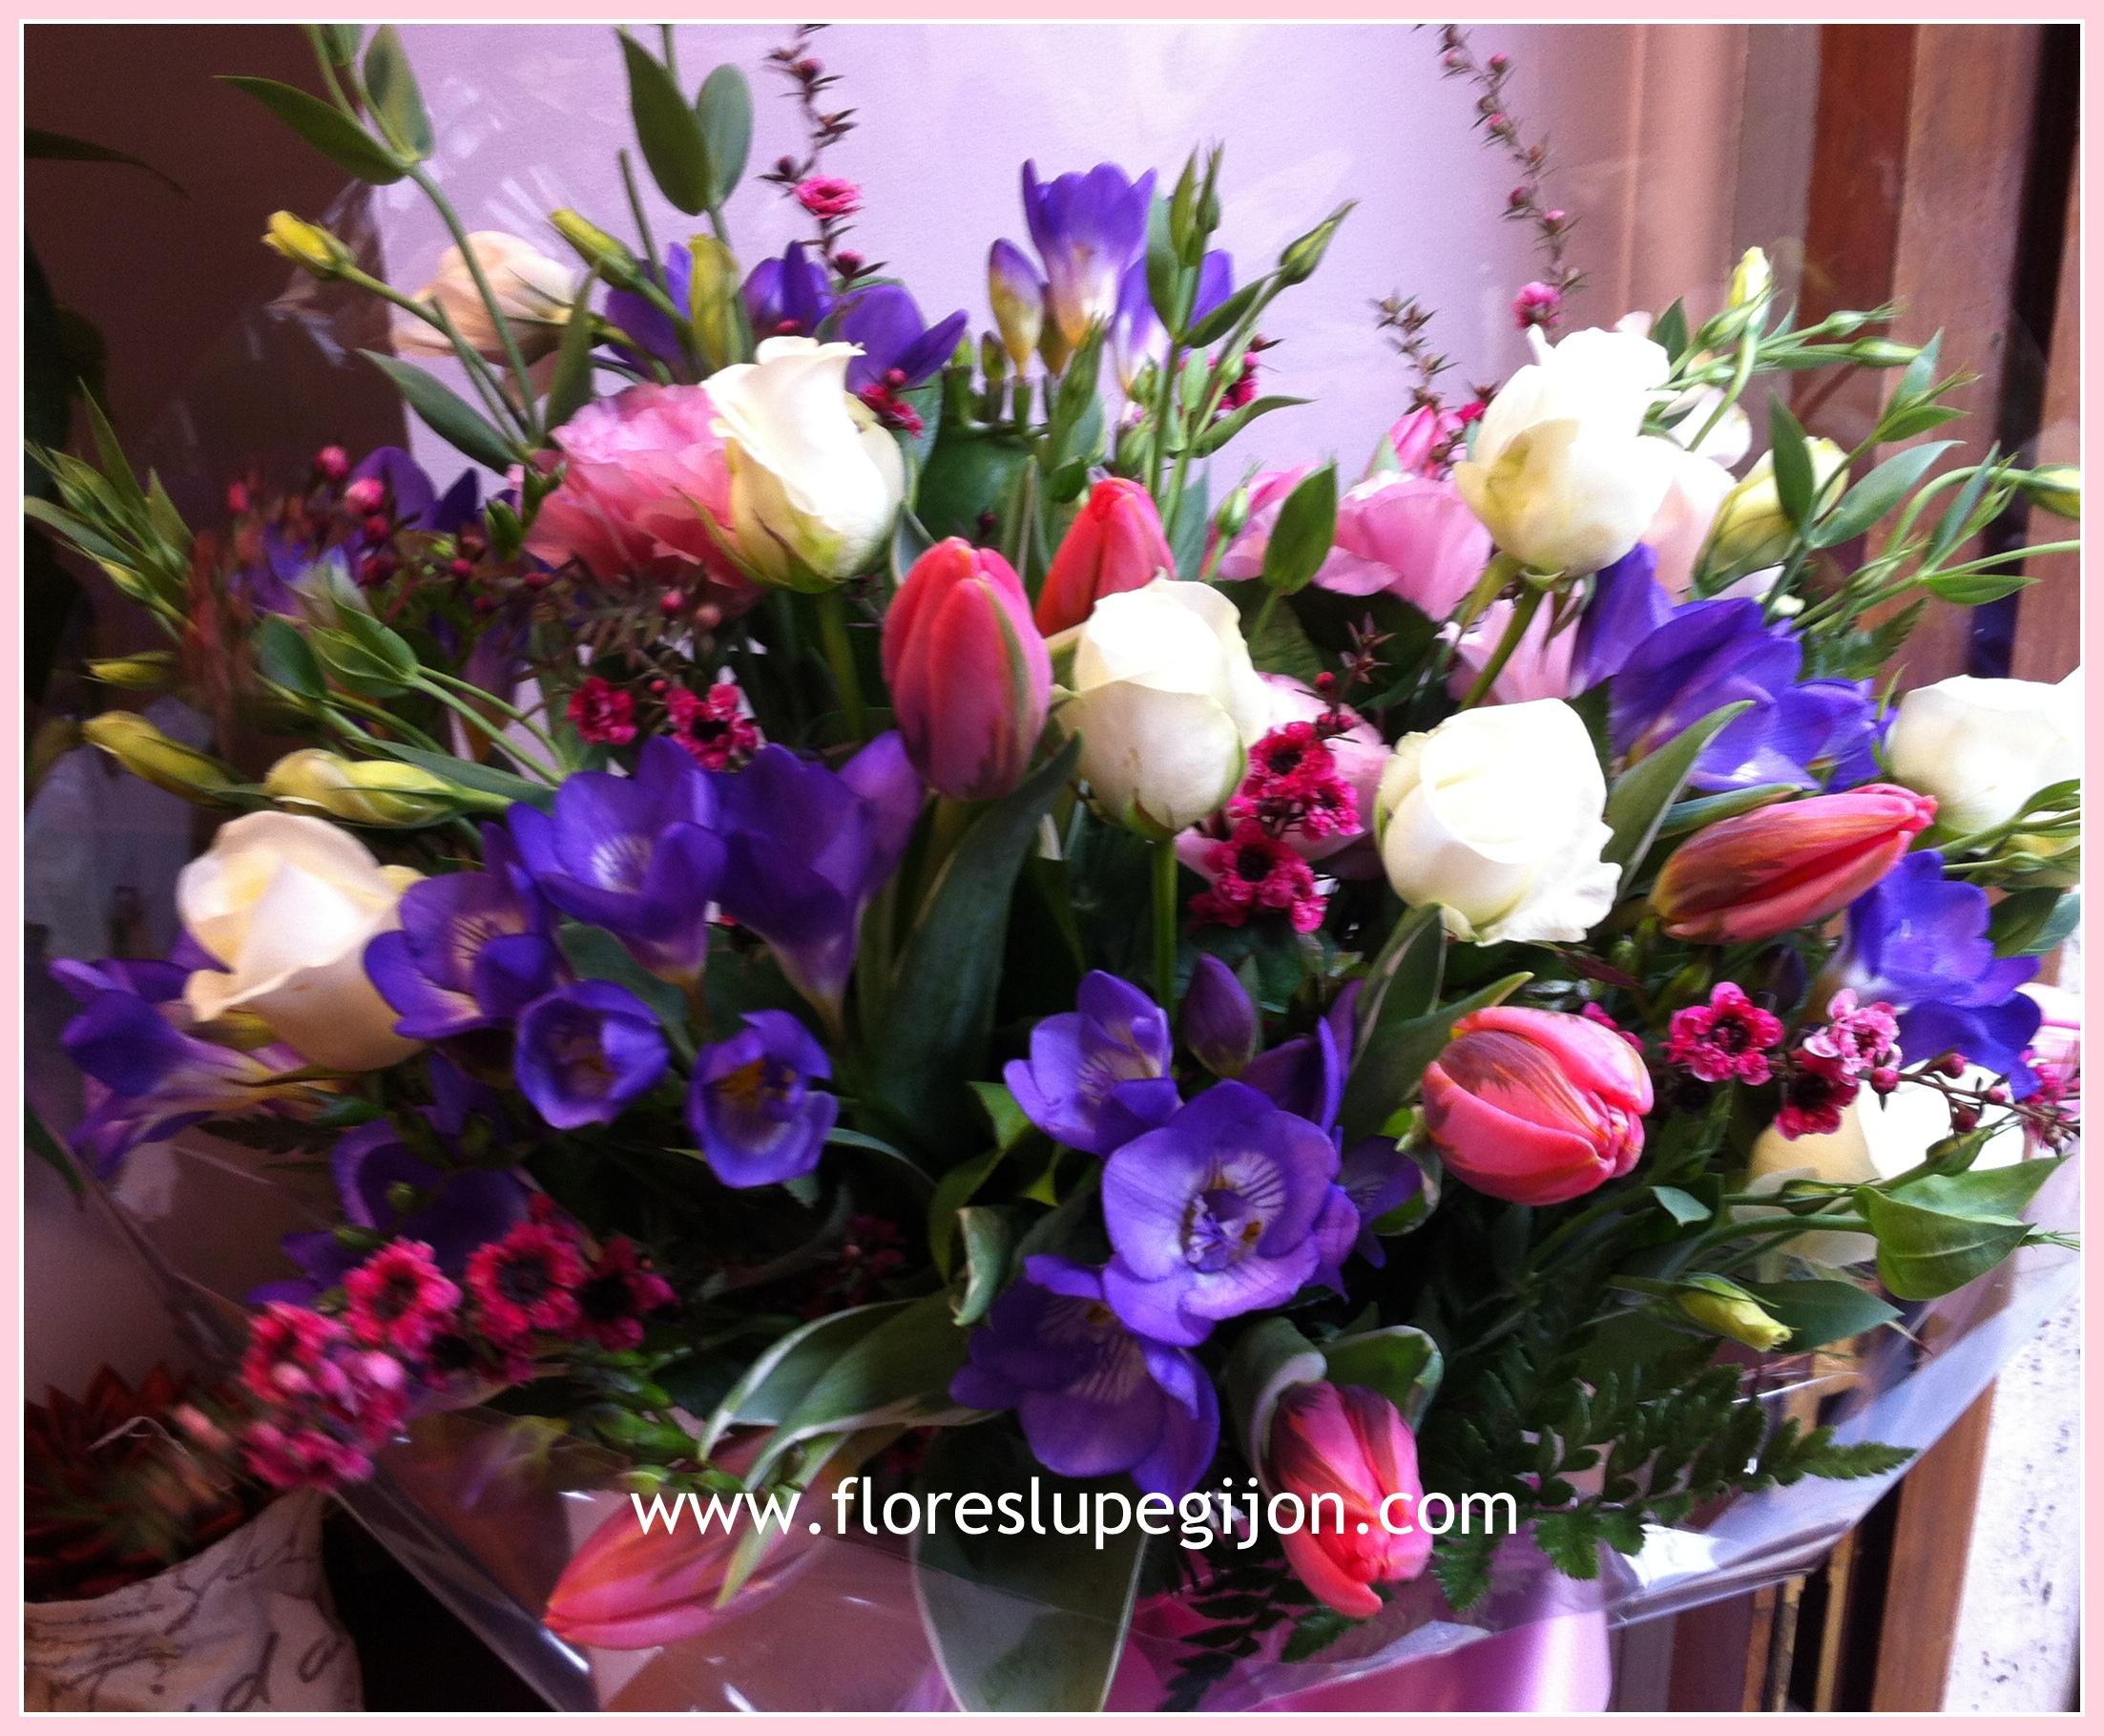 Ramo variado con freesias, rosas y tulipanes